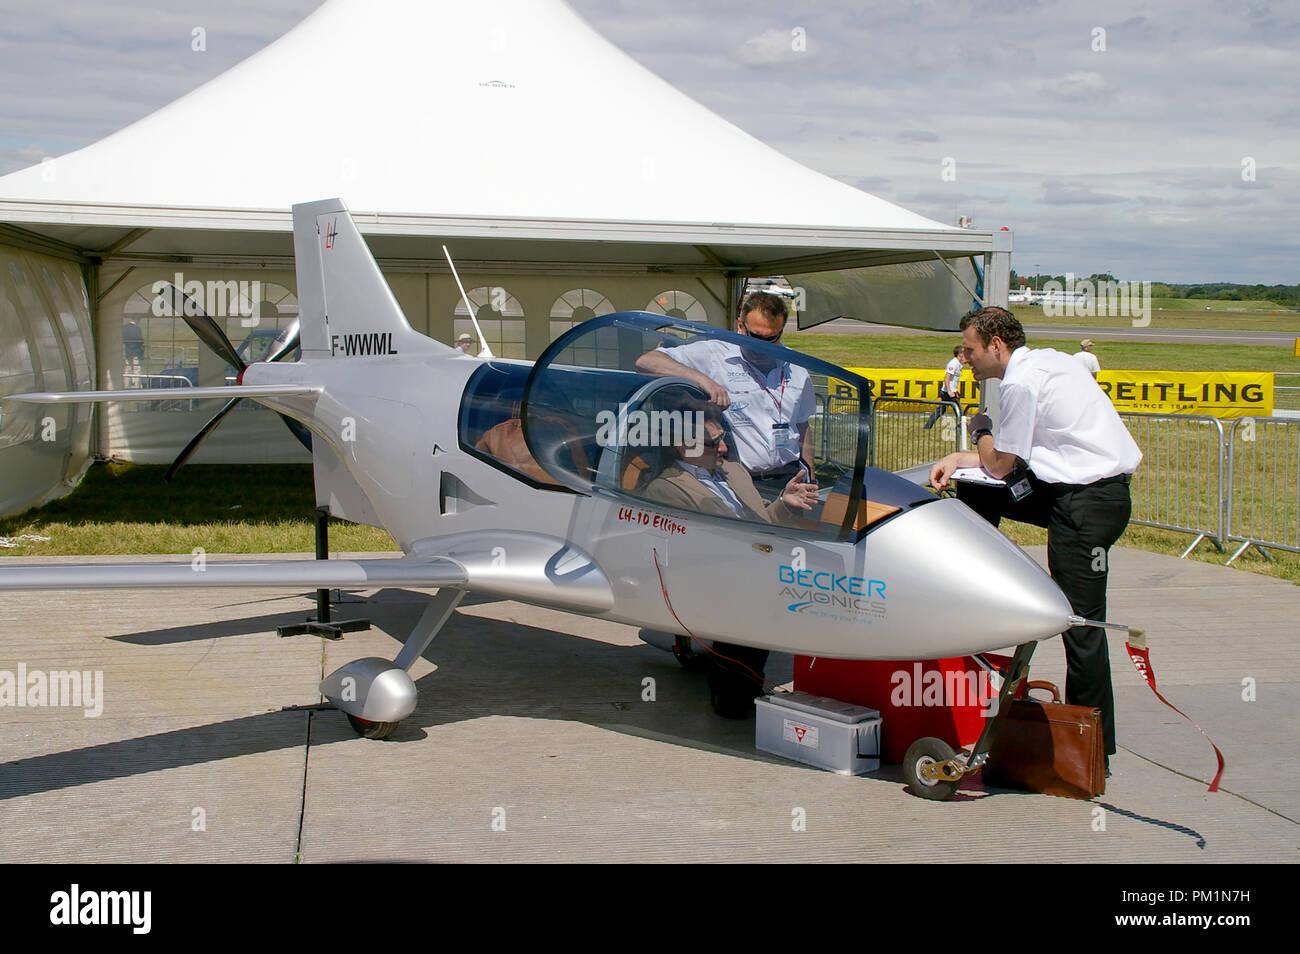 LH Aviation LH-10 Ellipse light aircraft avion à Farnborough International Airshow. Les ventes. De l'aérospatiale. Petite kitplane projet de fabrication artisanale Photo Stock